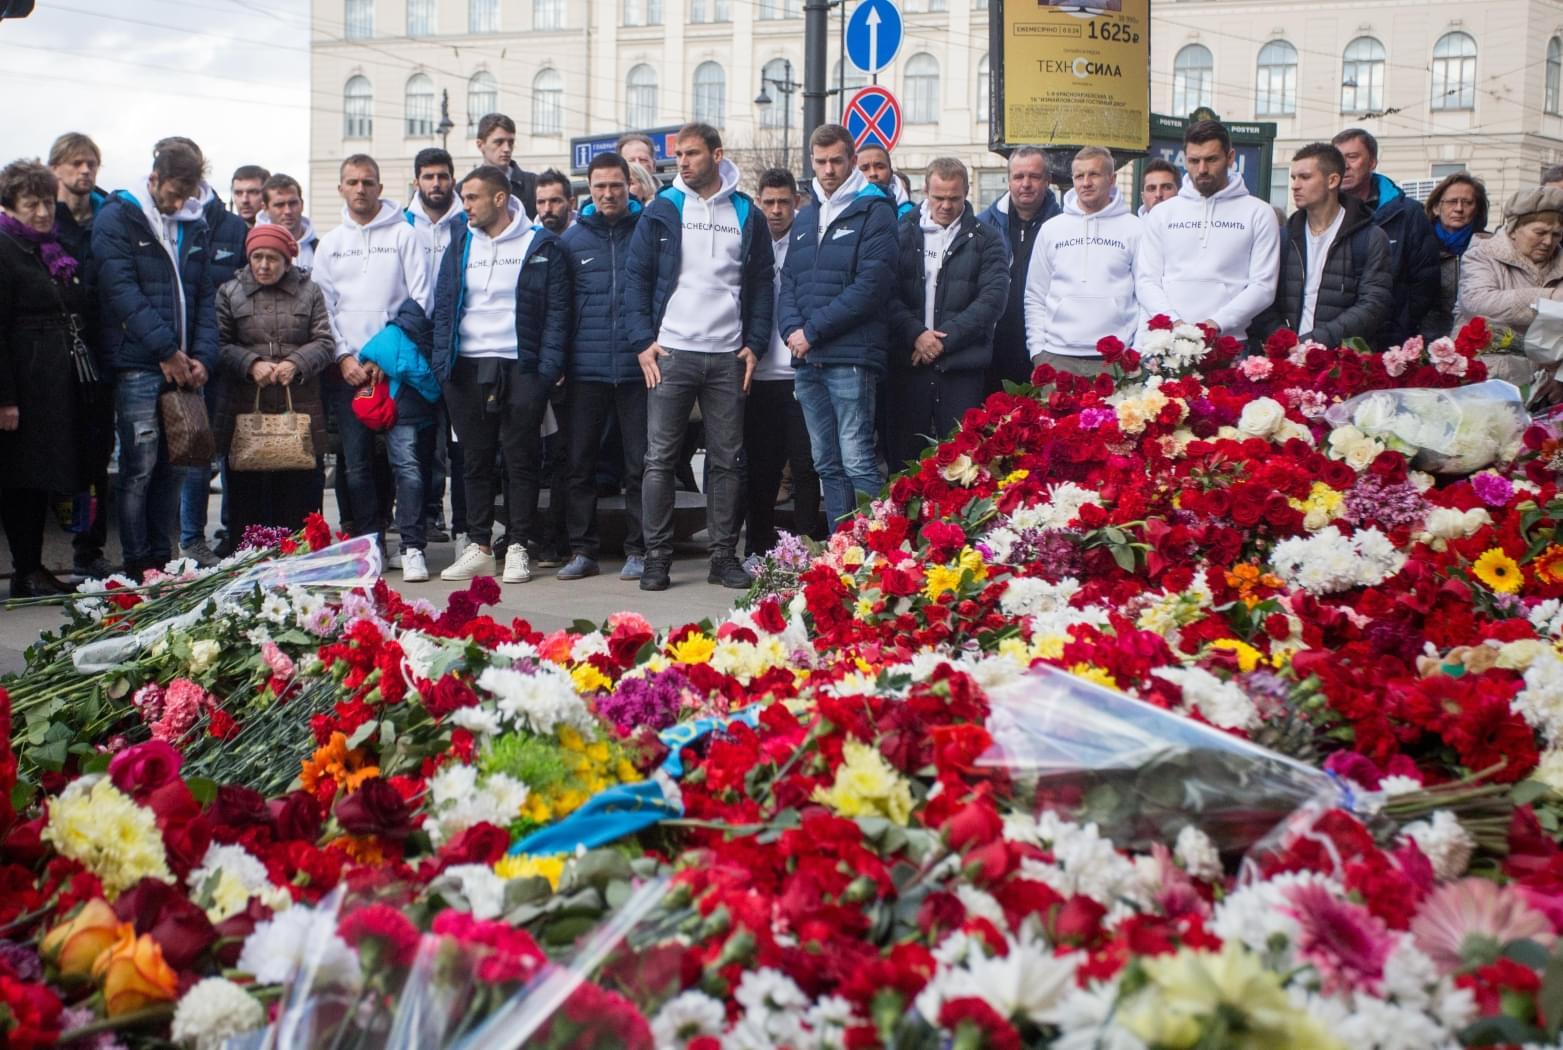 Delegația lui Zenit se reculege în fața mormanului de flori de la intrarea în stația de metrou Sennaya. (FOTO: fc-zenit.ru)